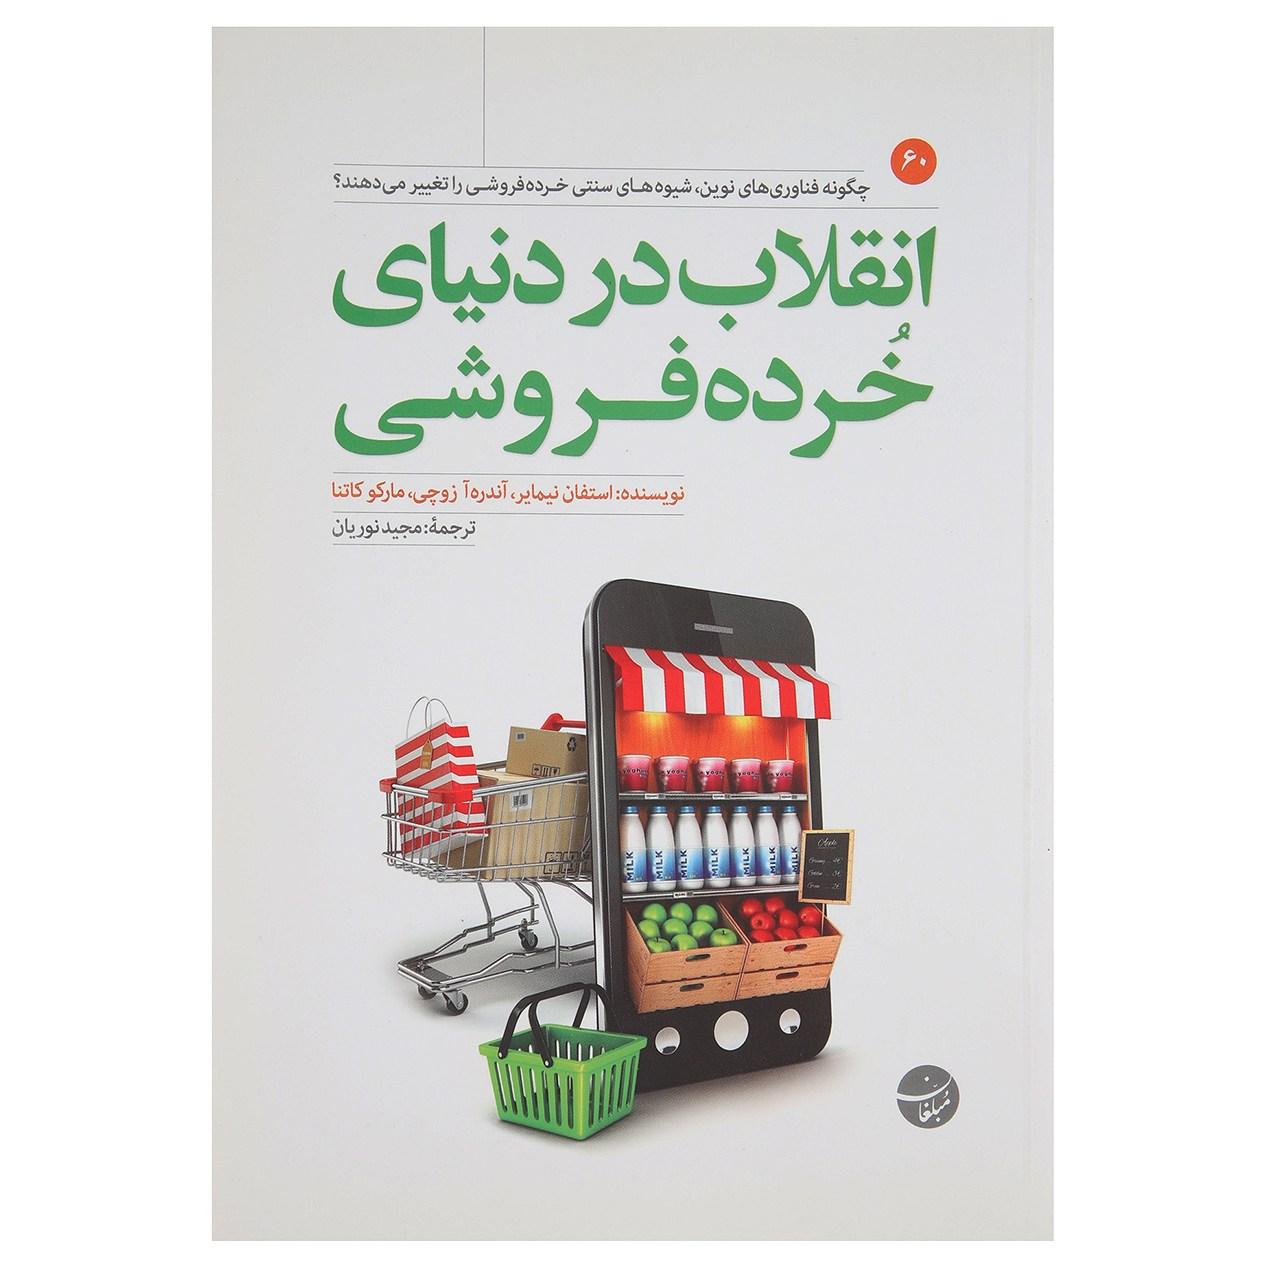 کتاب انقلاب در دنیای خرده فروشی اثر استفان نیمایر